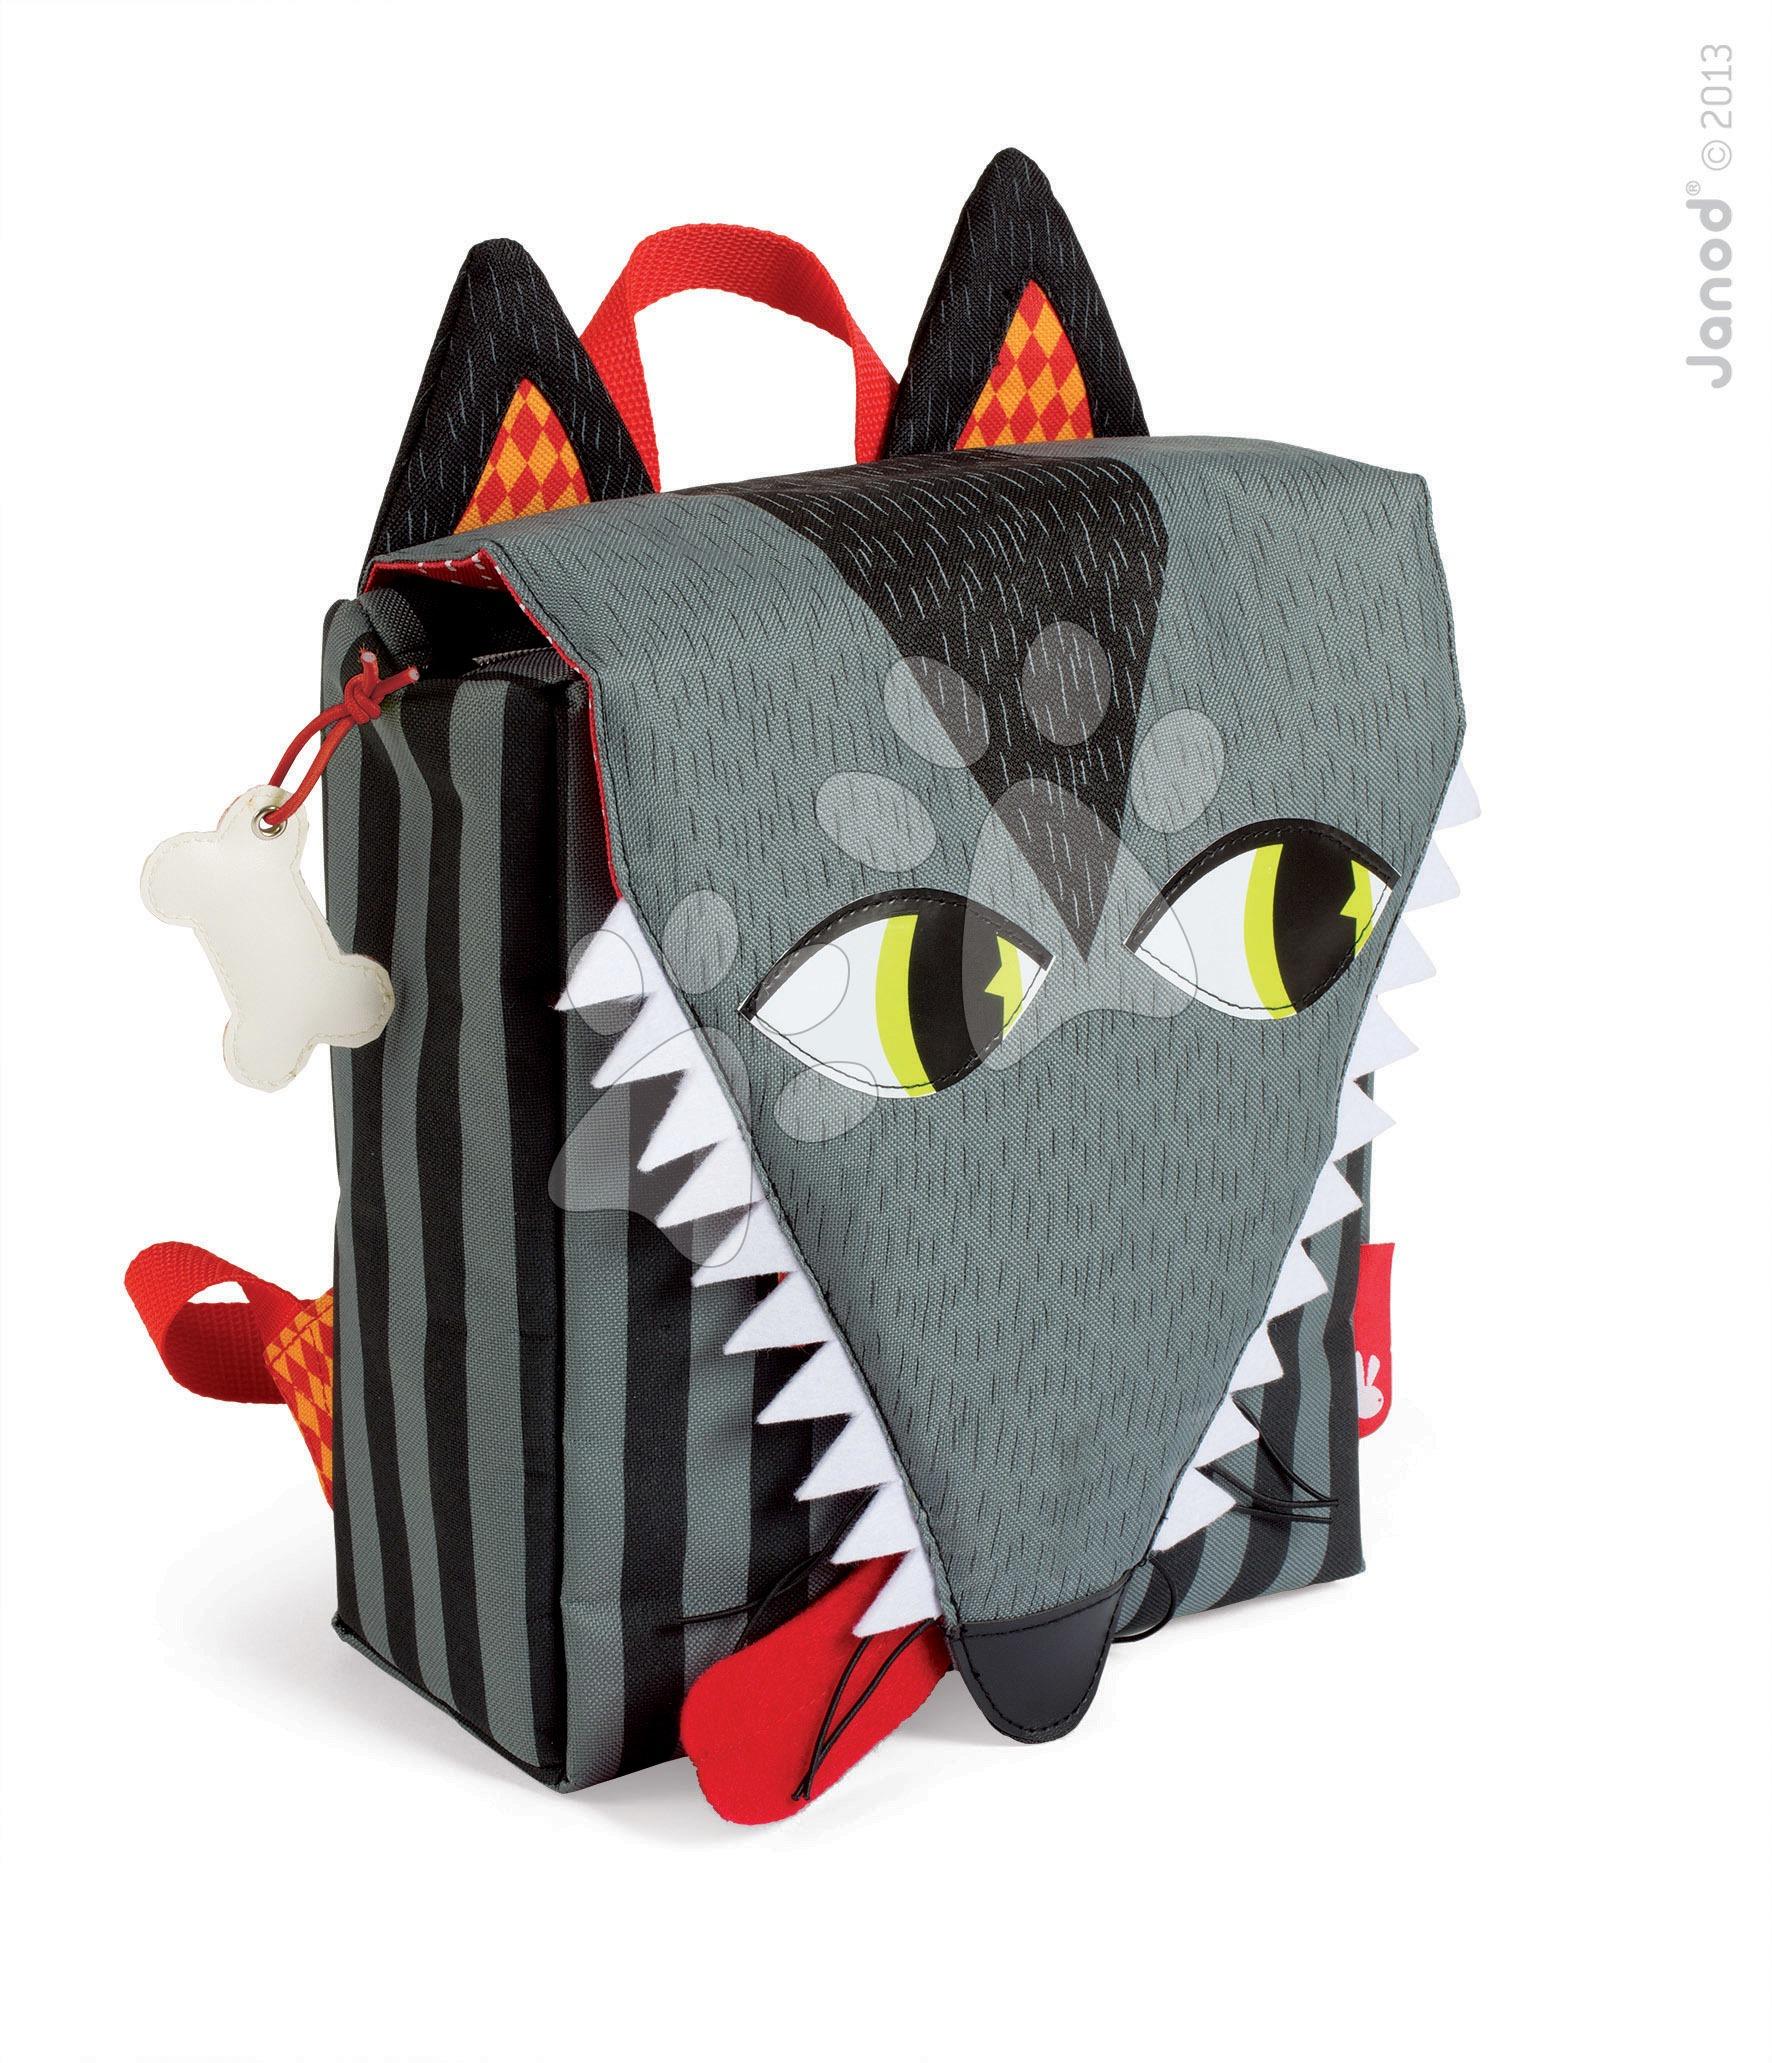 Batoh pro děti Vlk Janod na zip od 3-8 let